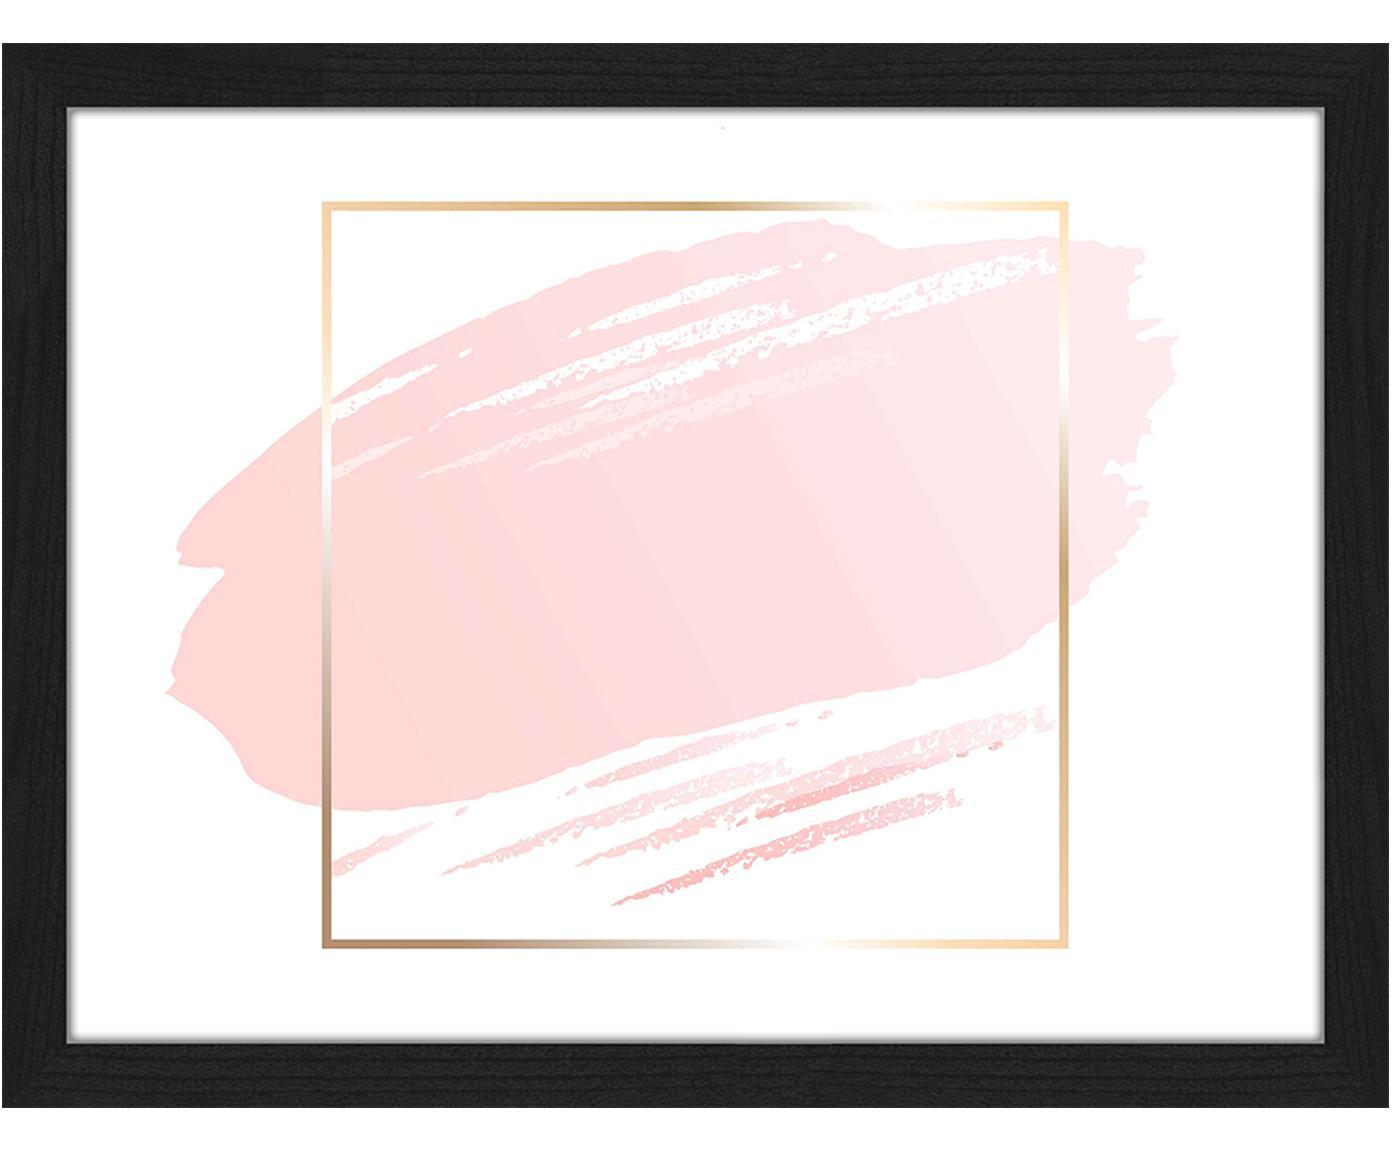 Gerahmter Digitaldruck Pink Brush, Bild: Digitaldruck auf Papier, , Rahmen: Buchenholz, lackiert, Front: Plexiglas, Weiß, Rosa, Goldfarben, 33 x 43 cm